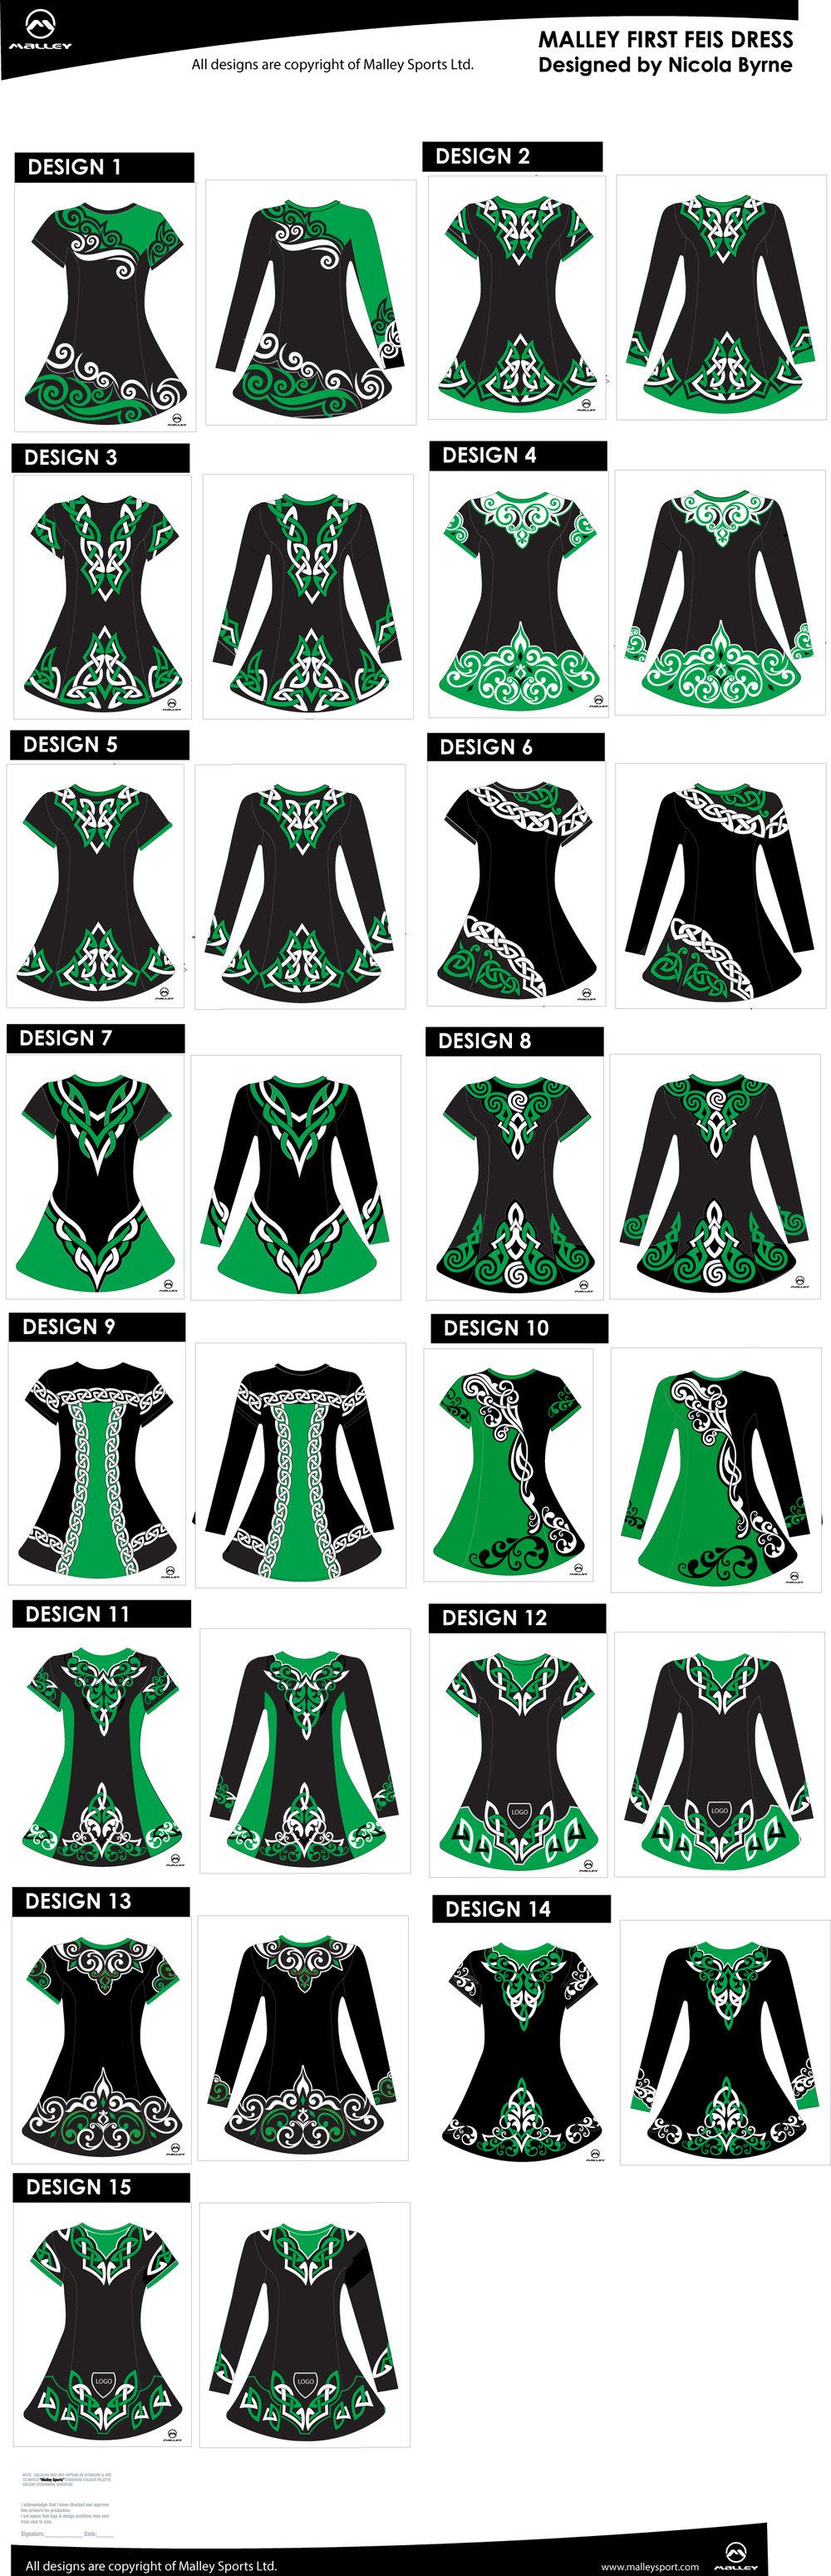 short_long_black_green_white_Malley_first_feis_dress_Set_designs_1_15.jpg